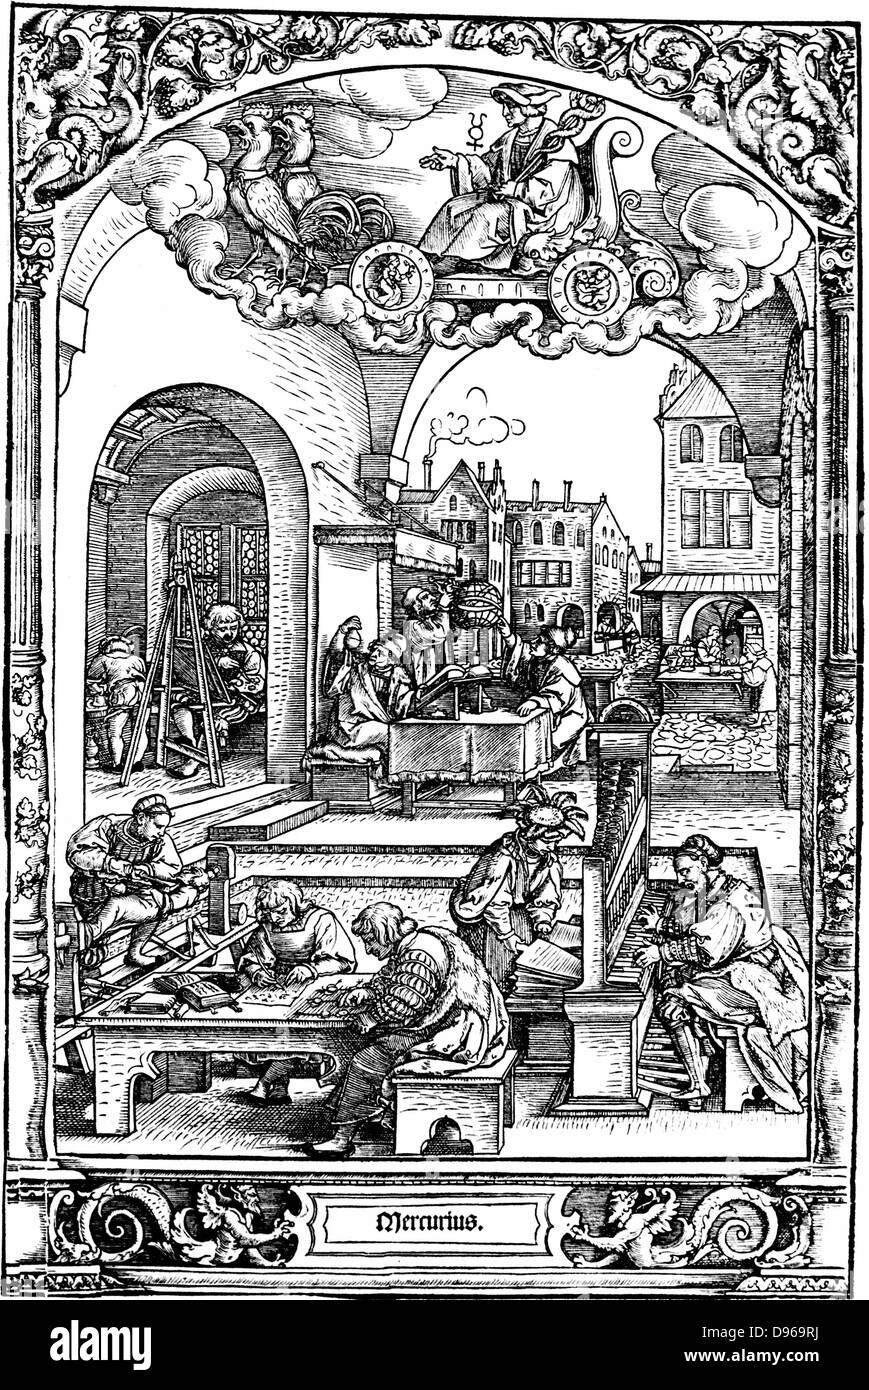 Quecksilber: Reihe von Drucke, ausgeführt im Jahre 1531 von Hans Sebold Beham (1500-50), illustrieren die Planeten. Stockbild